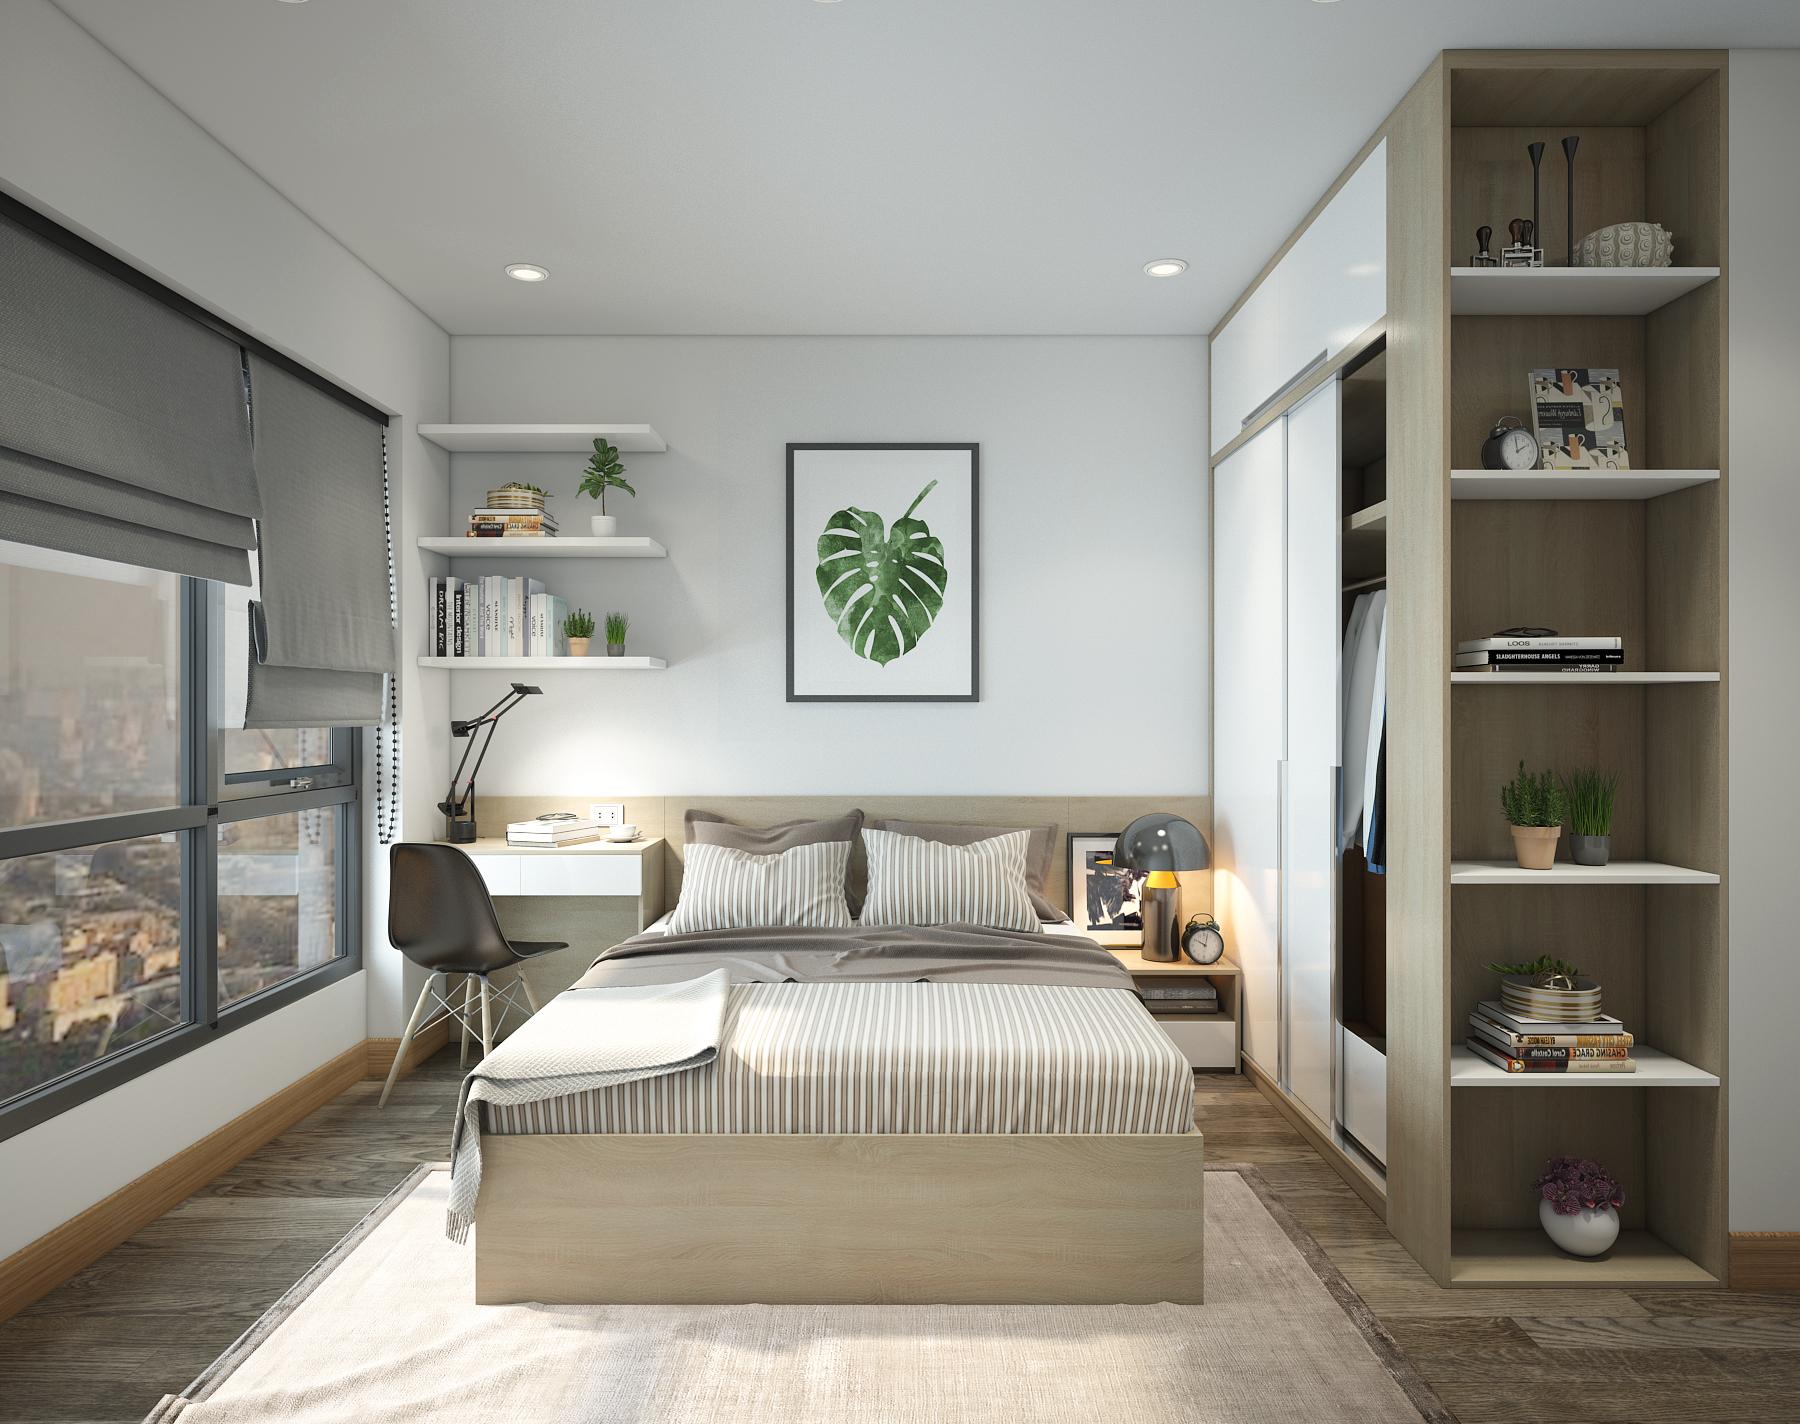 thiết kế nội thất chung cư tại Hà Nội Chung Cư An Bình City 16 1538039758